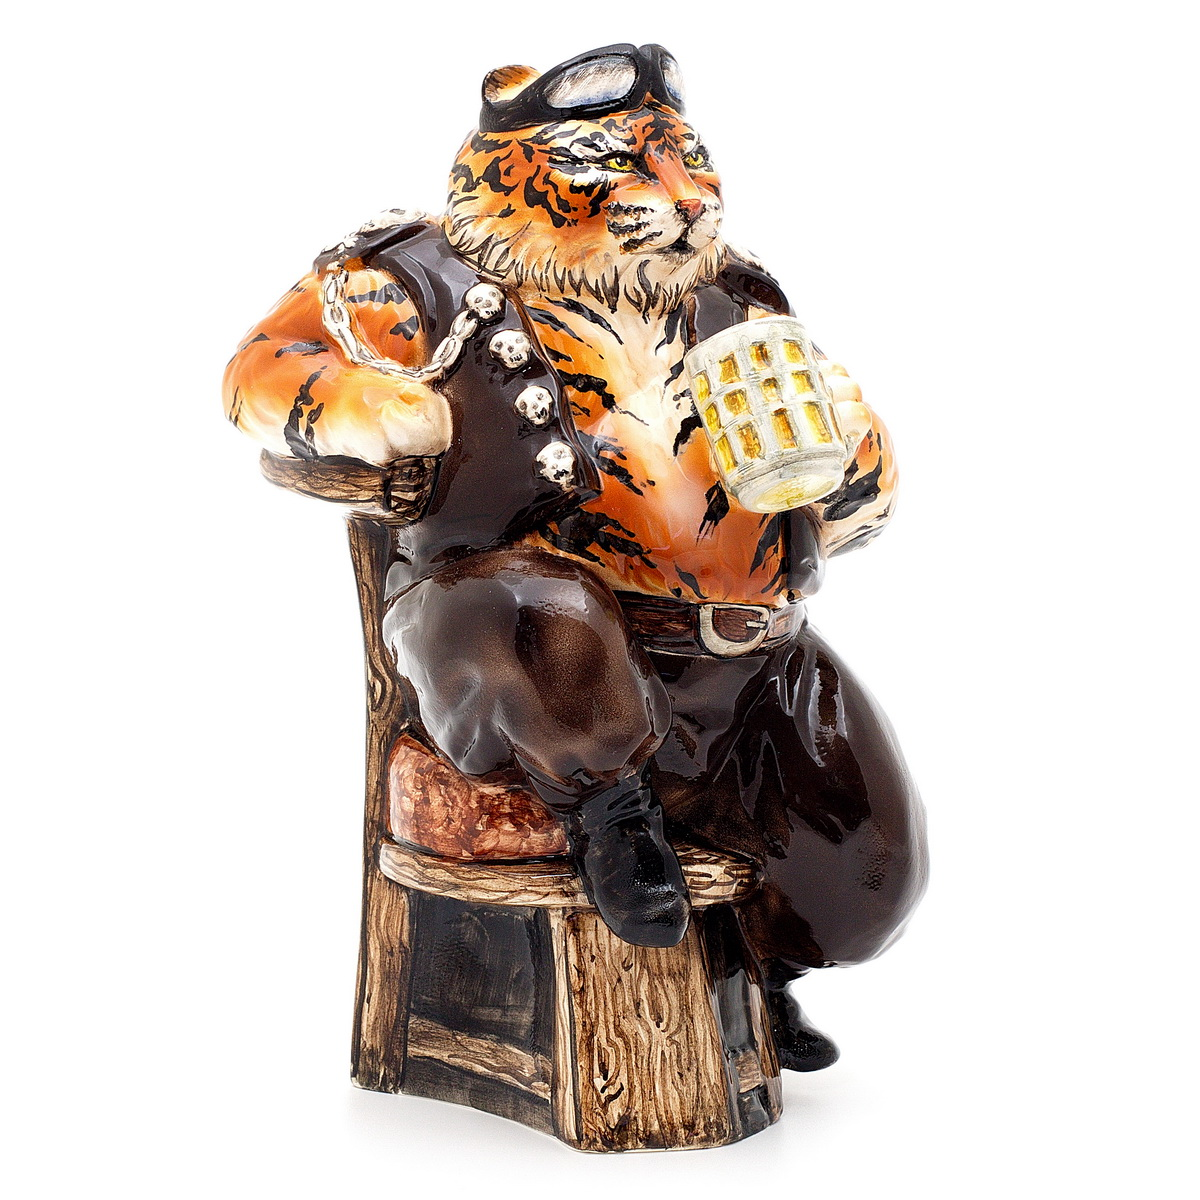 """Керамическая статуэтка """"Тигр байкер"""". ZORA. Россия. Керамика Zora, ручная работа, ручная роспись, несколько обжигов, смешанная техника глазури. Размер: 28 х 18 см. Сохранность хорошая. Отличный подарок для мужчины! Брутальный тигр - любитель пива и гонок. Эта статуэтка вызовет улыбку, поднимет настроение и украсит любой интерьер."""